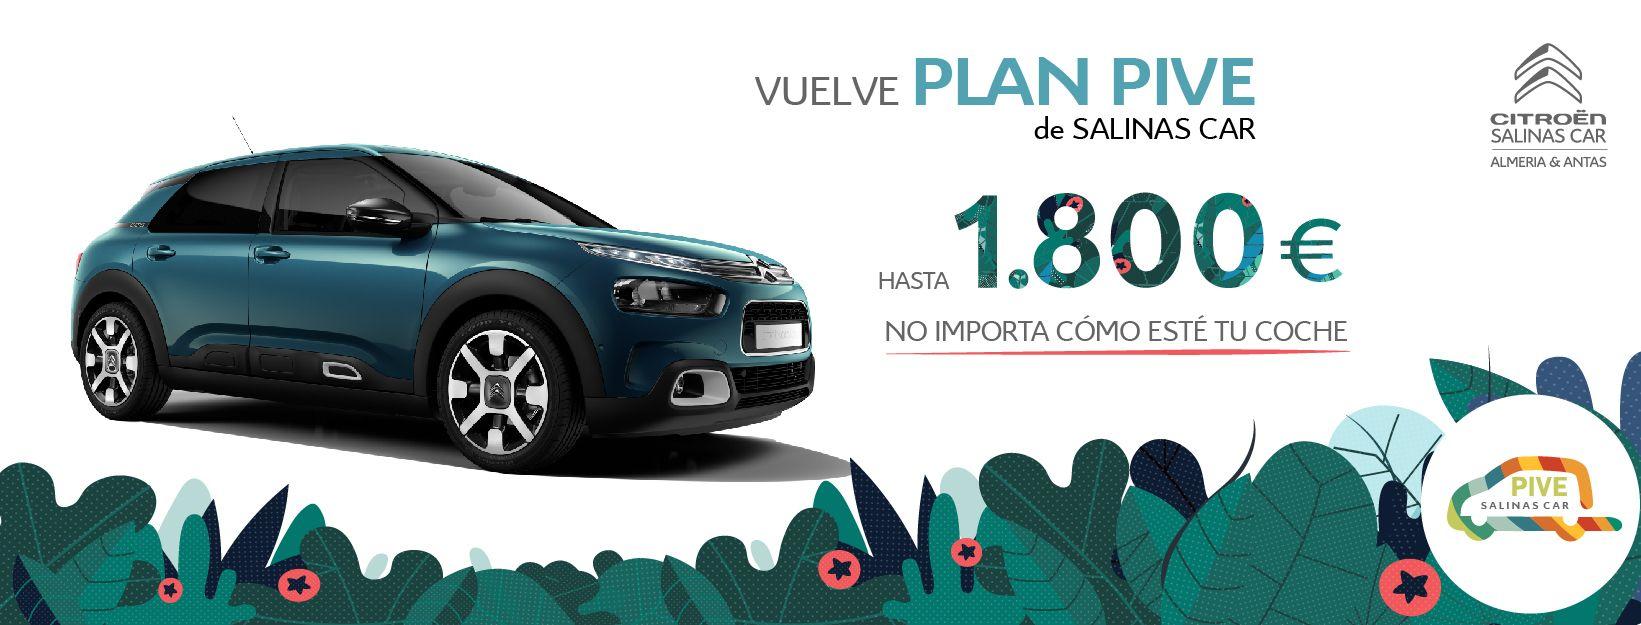 Solo hasta el 28 de marzo vuelve el PIVE exclusivo de Salinas Car